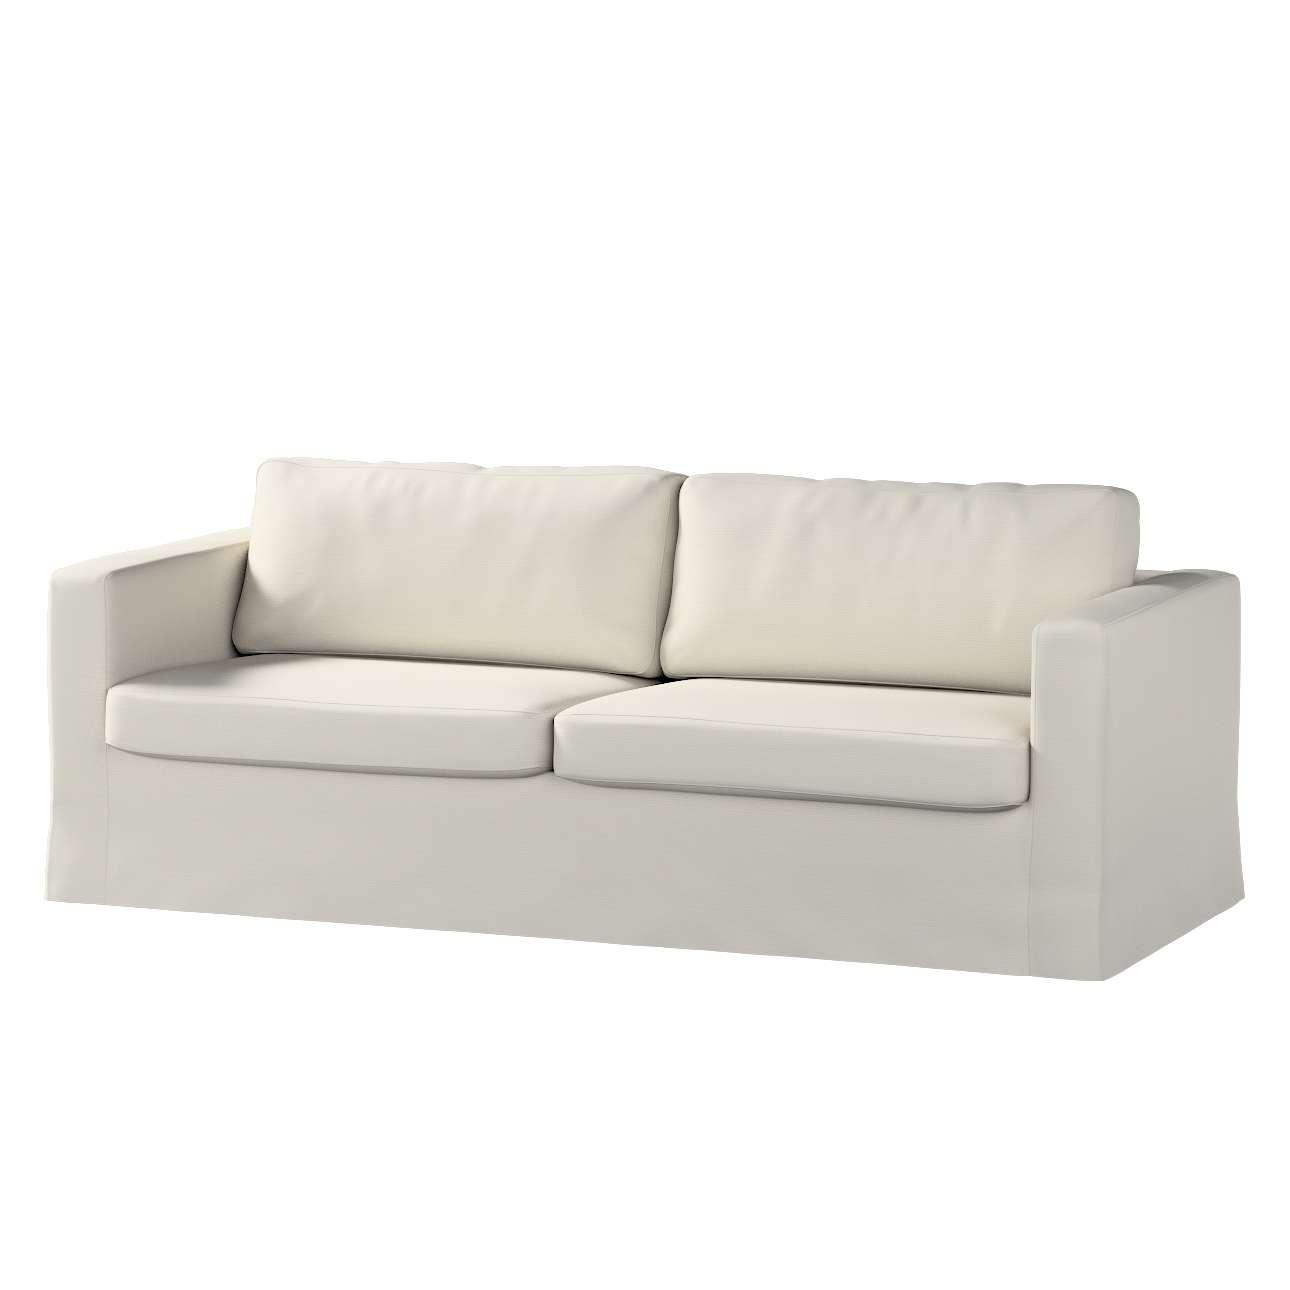 Karlstad trivietės sofos užvalkalas (ilgas, iki žemės) Karlstad trivietės sofos užvalkalas (ilgas, iki žemės) kolekcijoje Cotton Panama, audinys: 702-31